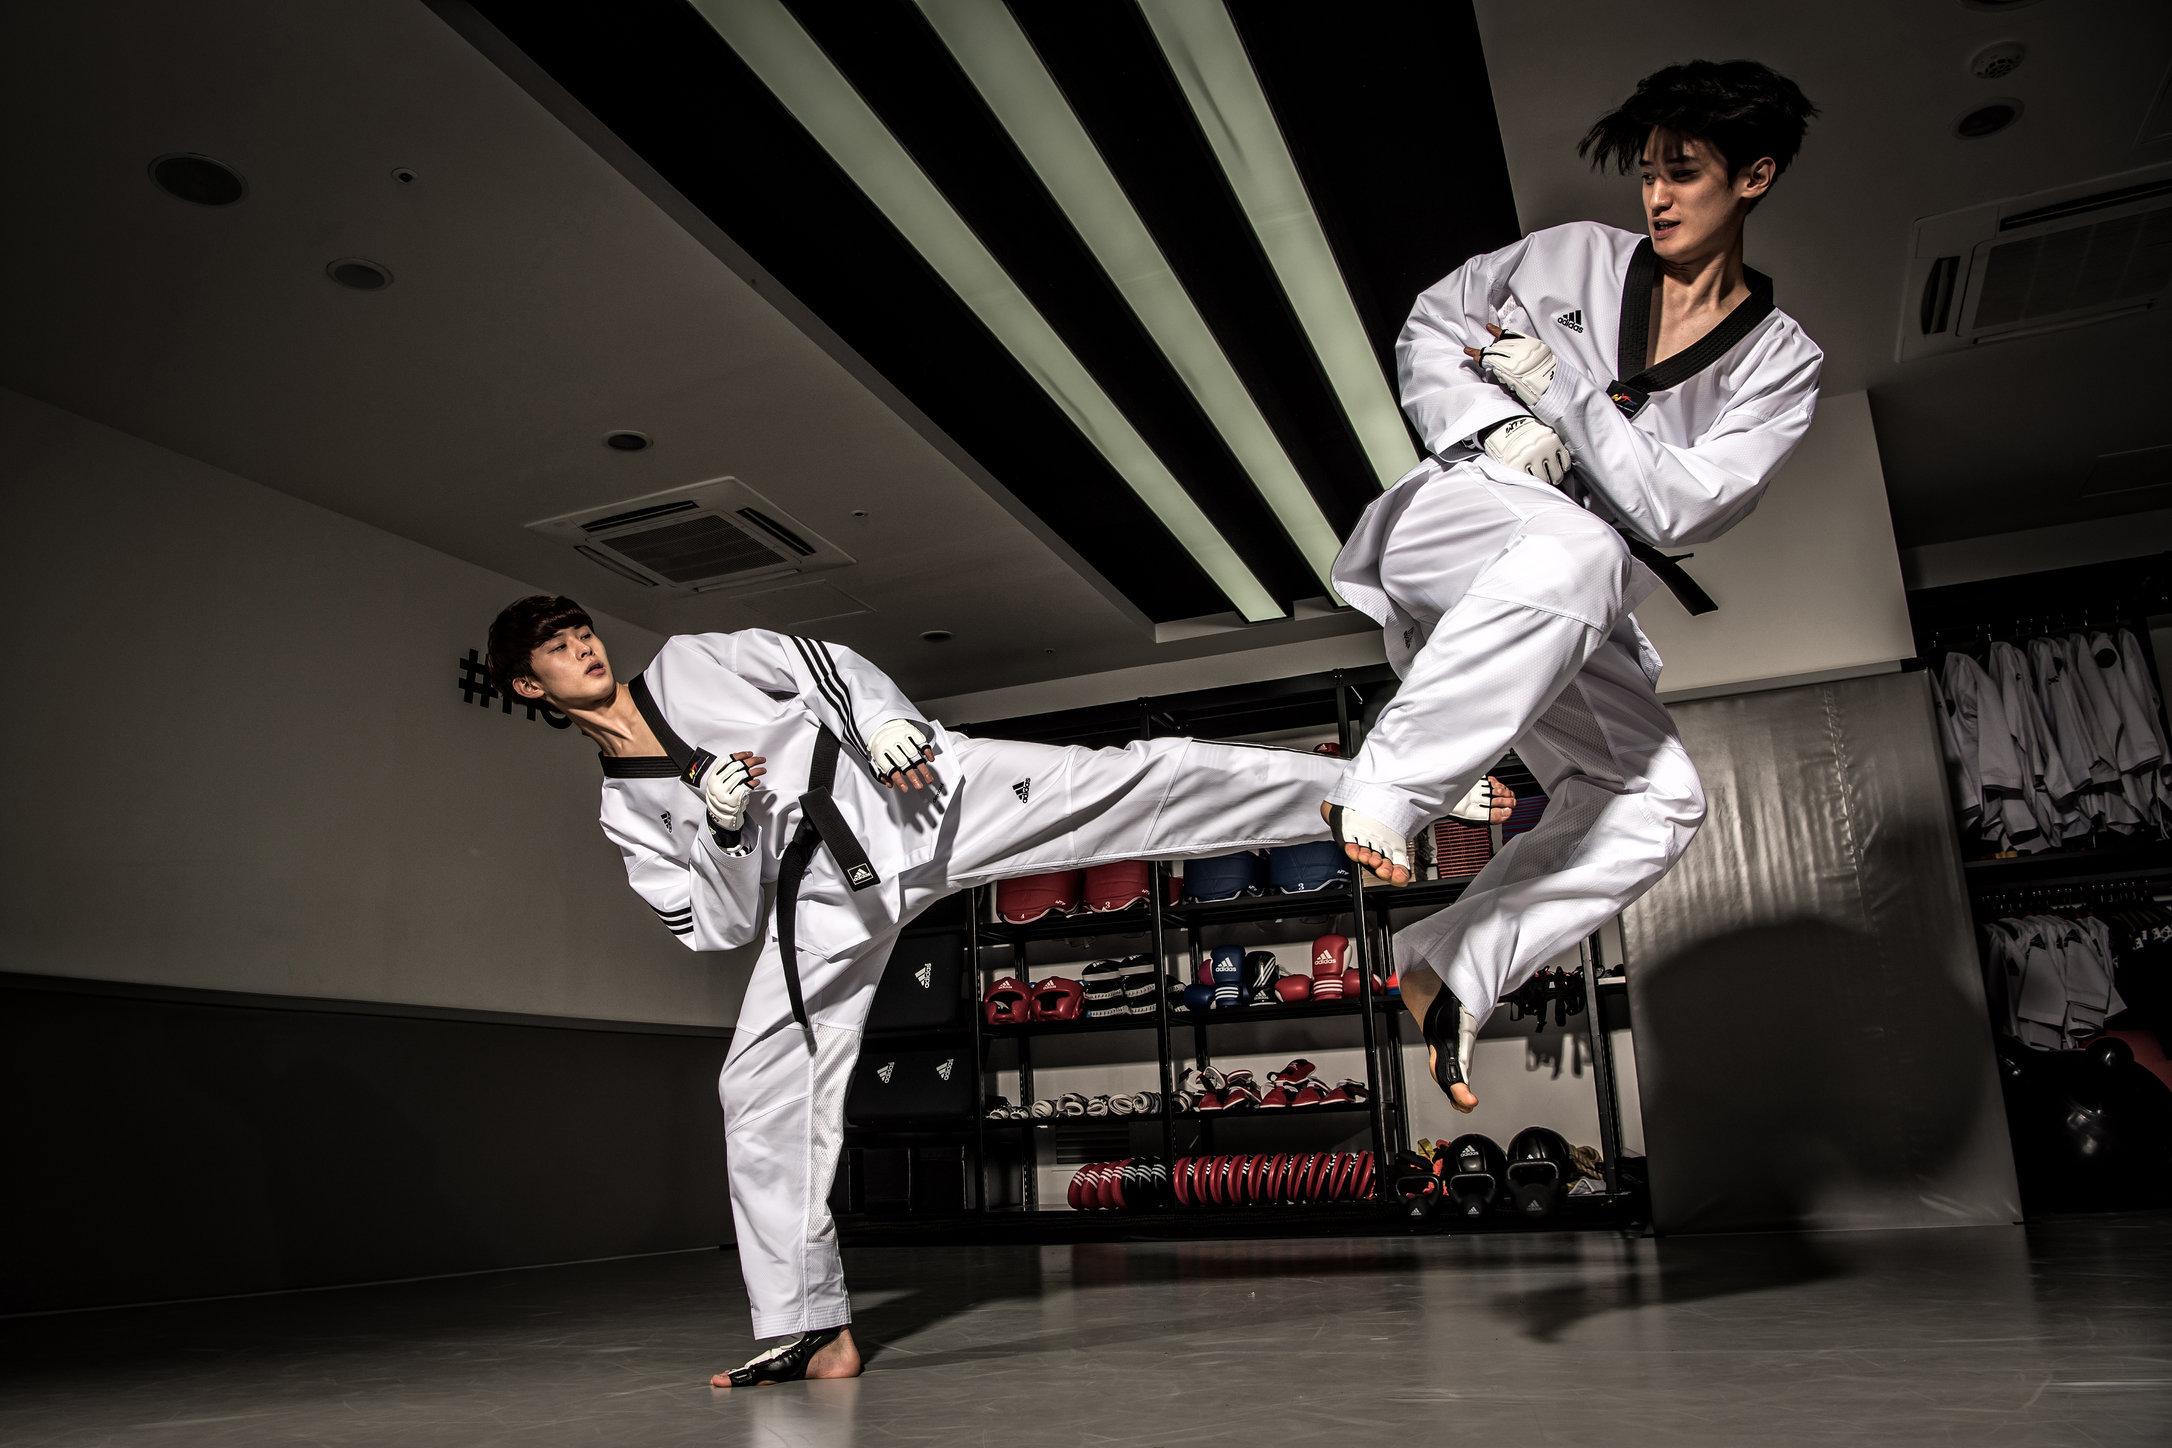 Taekwondo_027.jpg